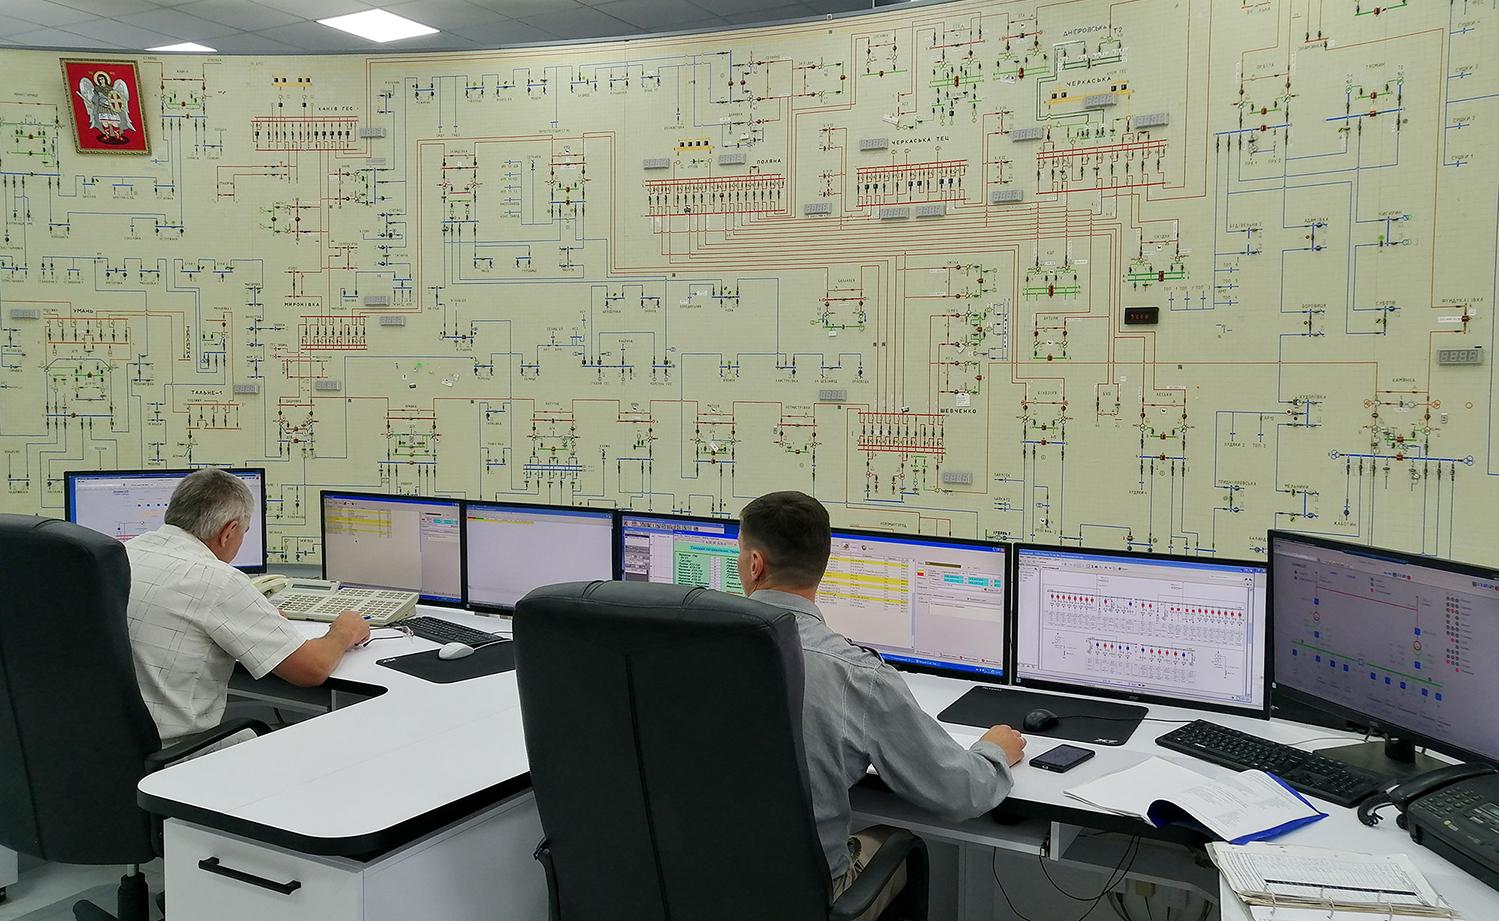 У її підпорядкуванні знаходяться 22 диспетчерські служби відокремлених структурних підрозділів районів електричних мереж та диспетчерська Уманських високовольтних мереж. Саме тут розробляють та погоджують графіки планових відключень і одними з найперших дізнаються про аварійні ситуації.